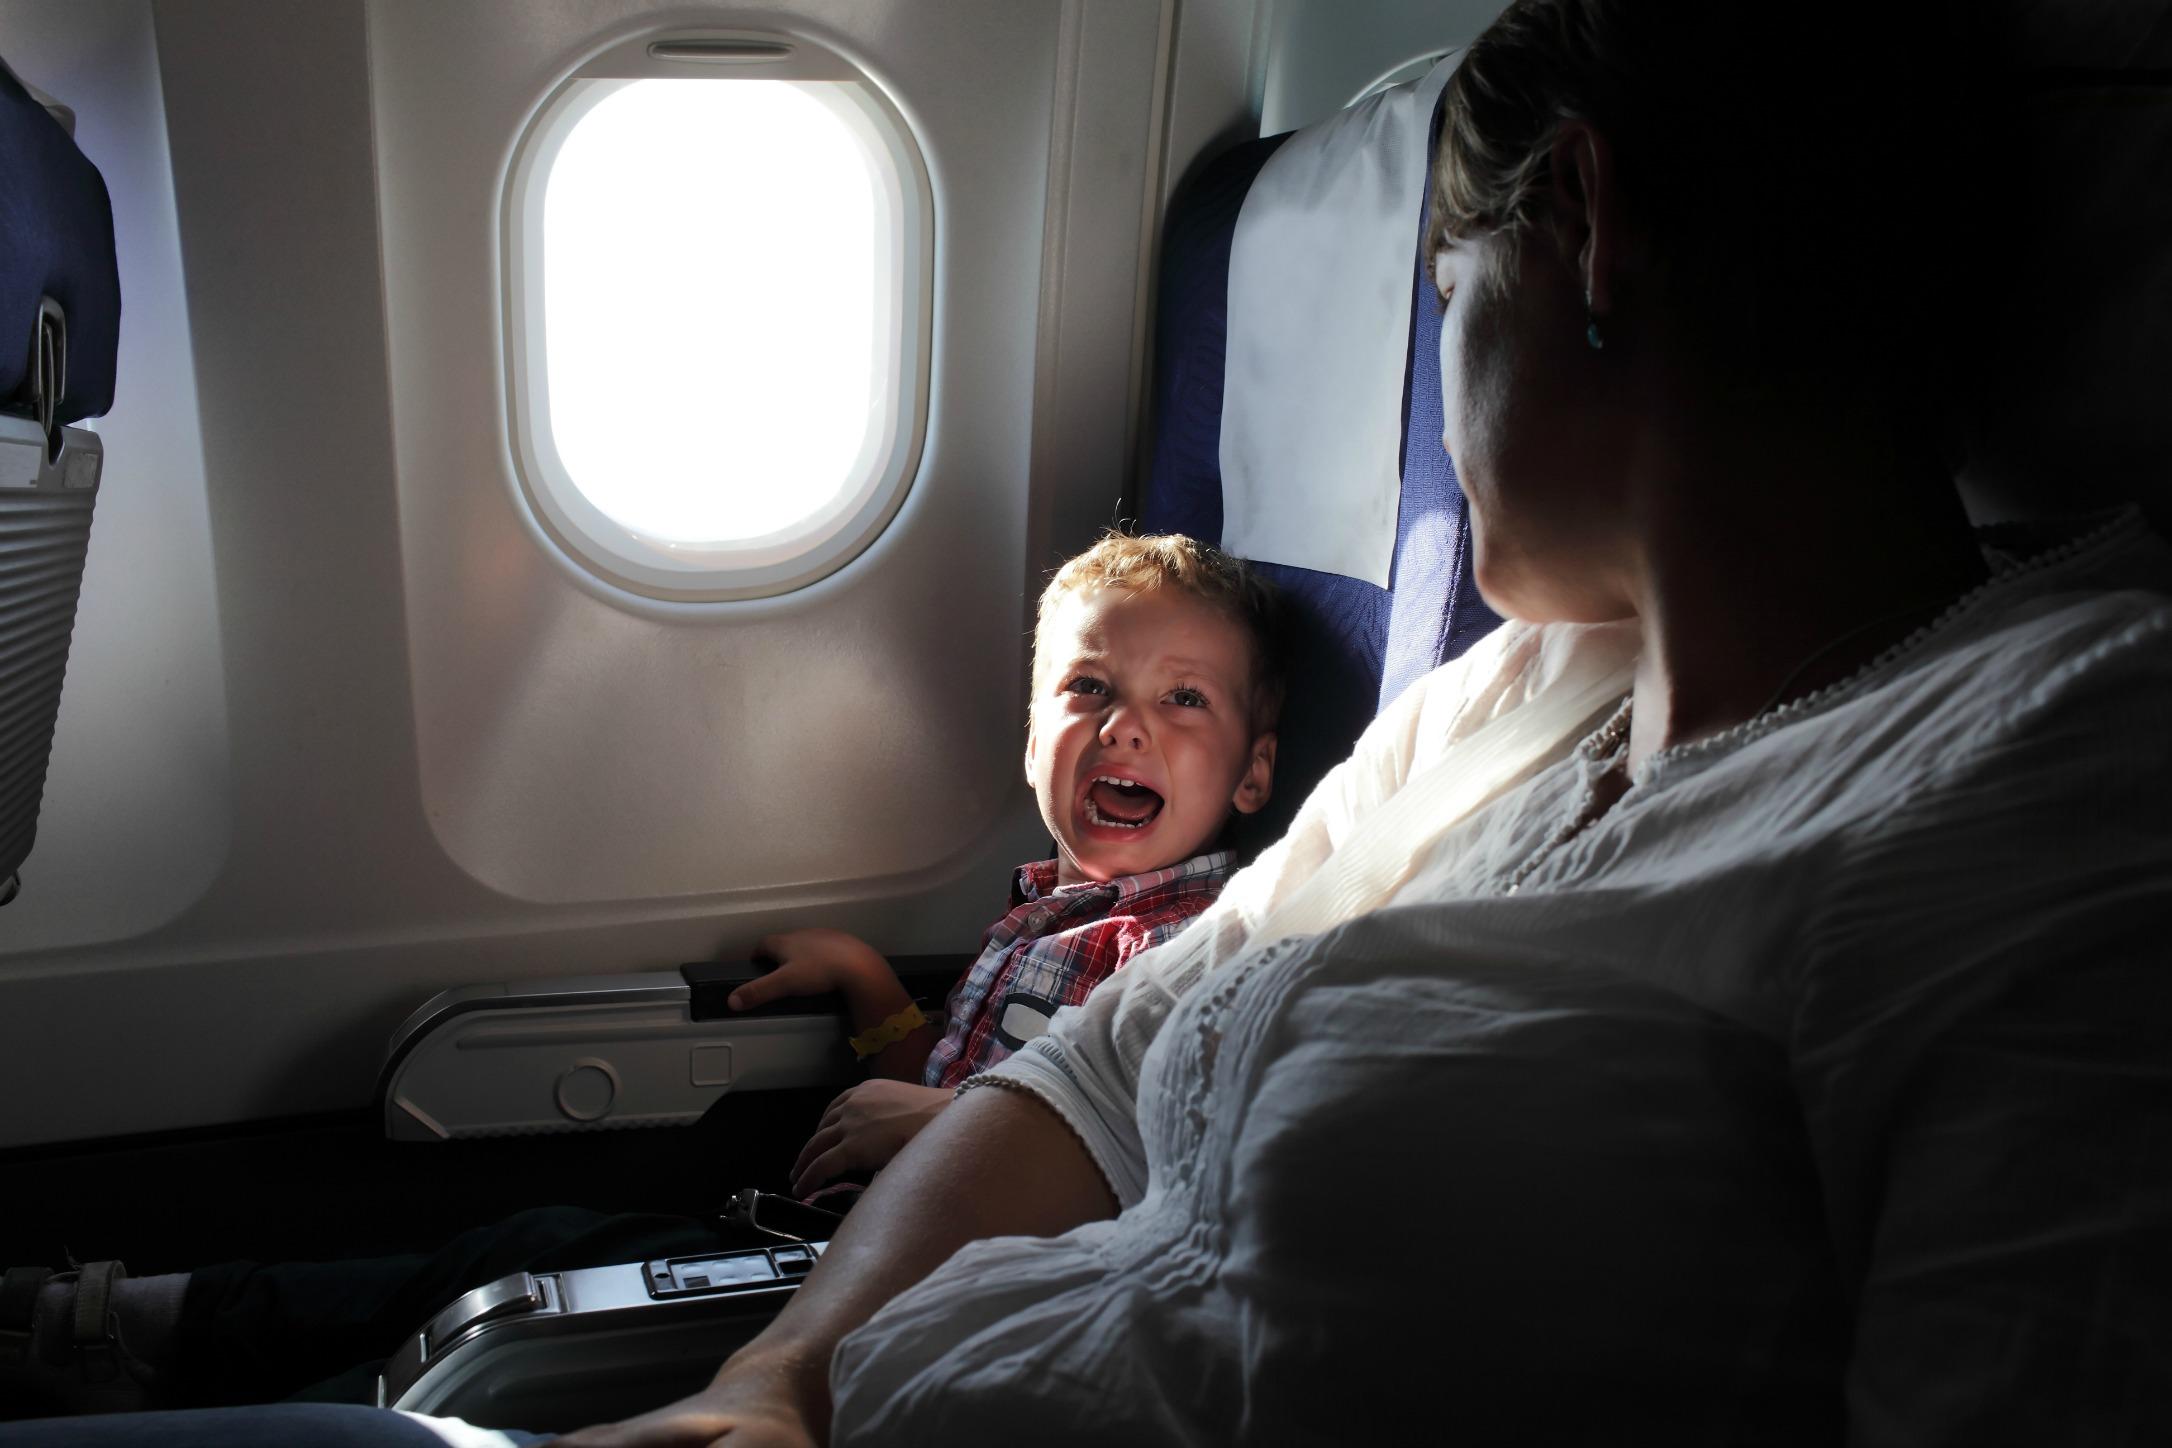 Kind-vrije-zones-in-vliegtuigen-tegen-irritante-kinderen_GoodGirlsCompany